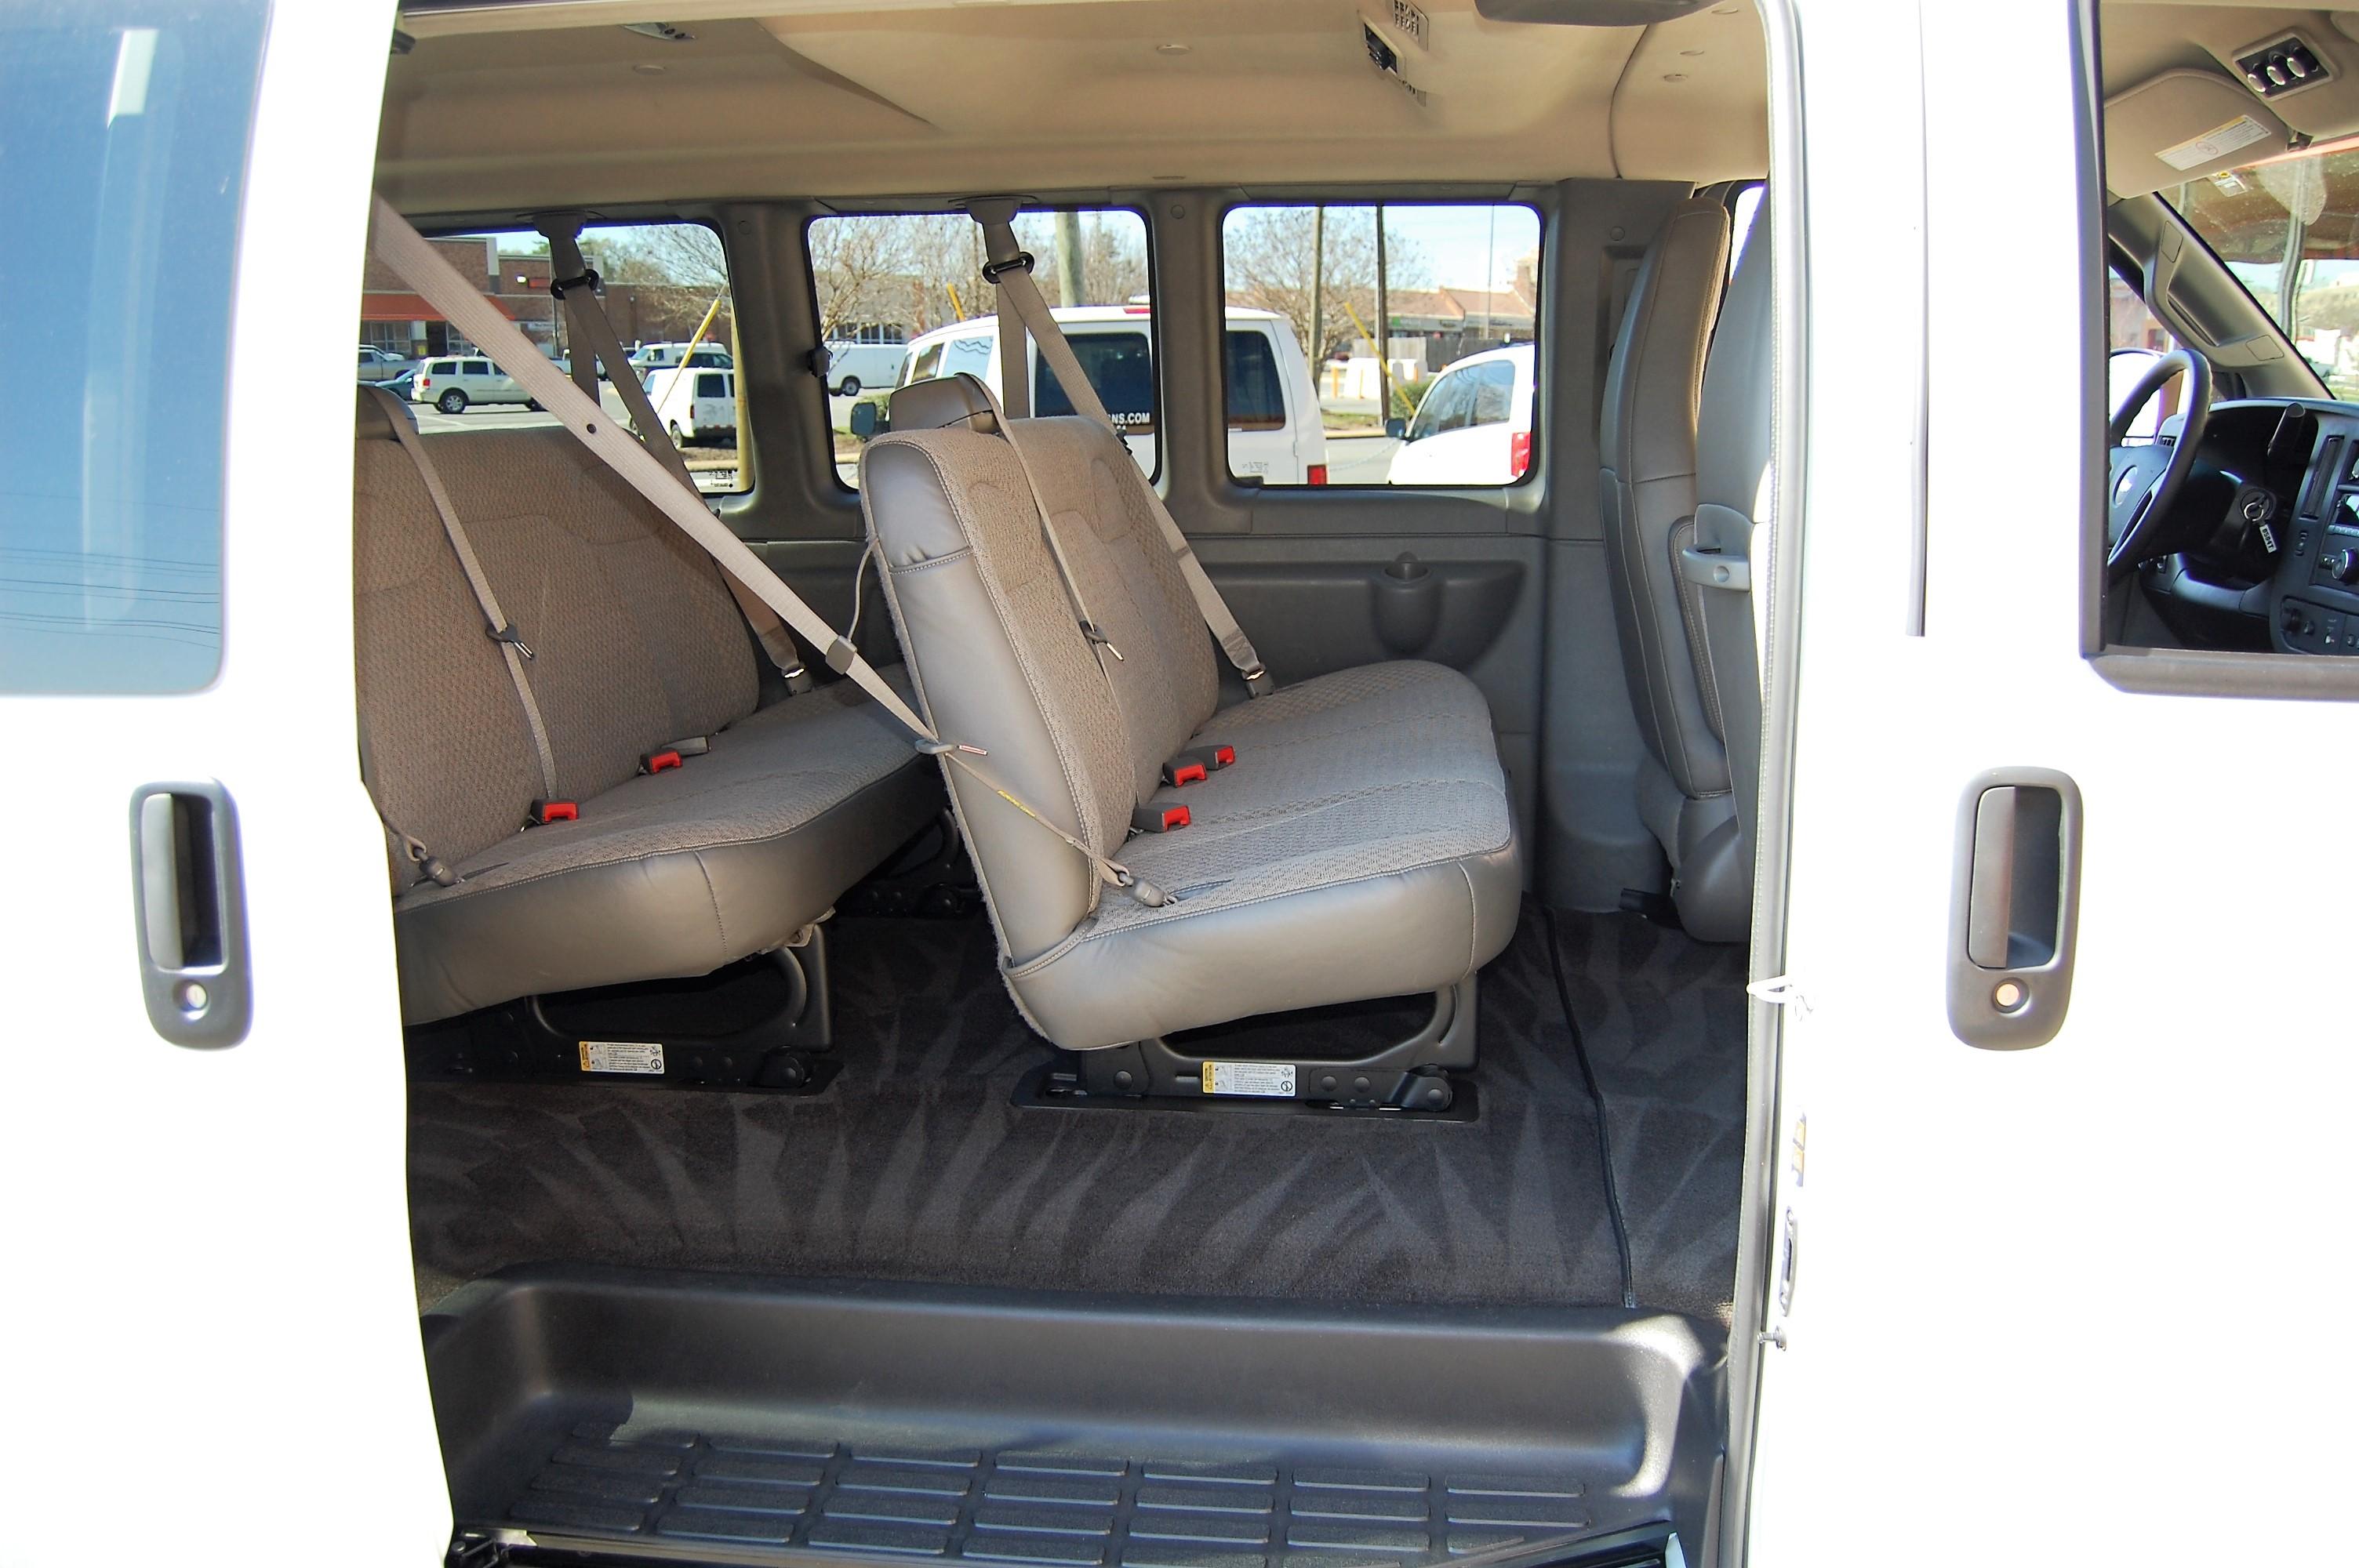 12 Passenger Vans Amp Extended 11 Passenger Vans